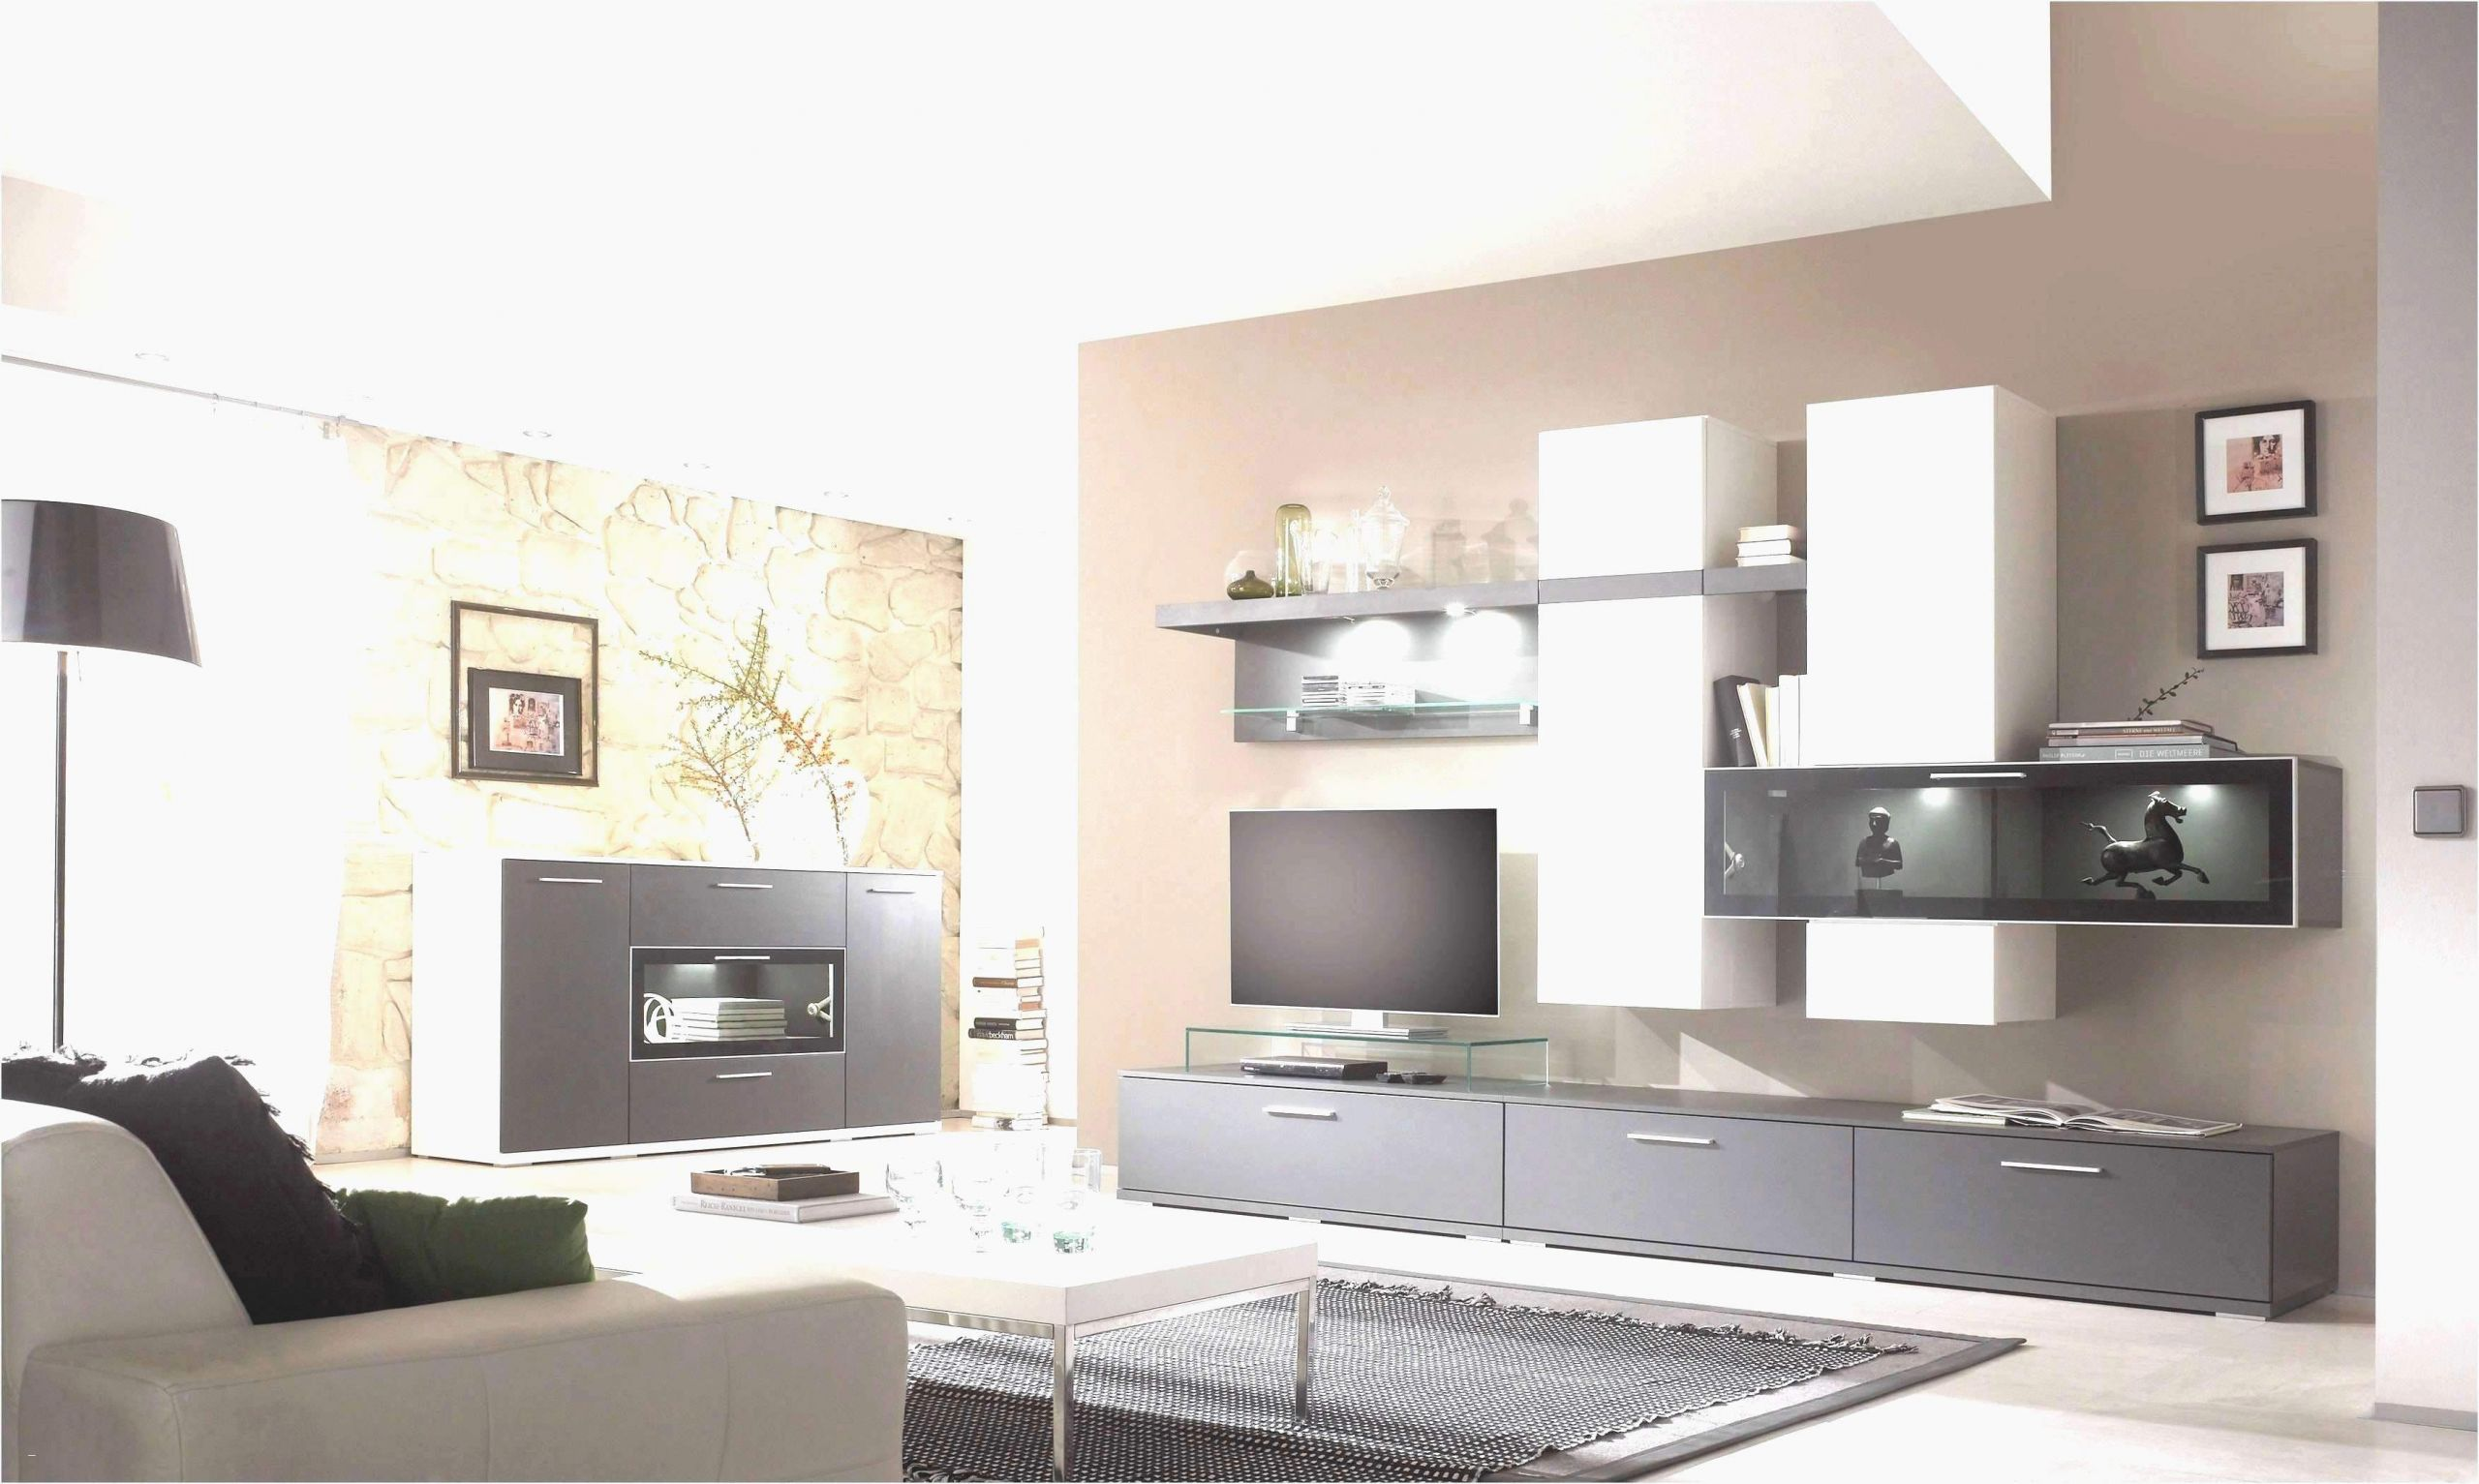 Full Size of 29 Genial Wohnzimmer Raumteiler Elegant Frisch Küche Kaufen Ikea Kosten Miniküche Sofa Mit Schlaffunktion Betten Bei Regal Modulküche 160x200 Wohnzimmer Ikea Raumteiler